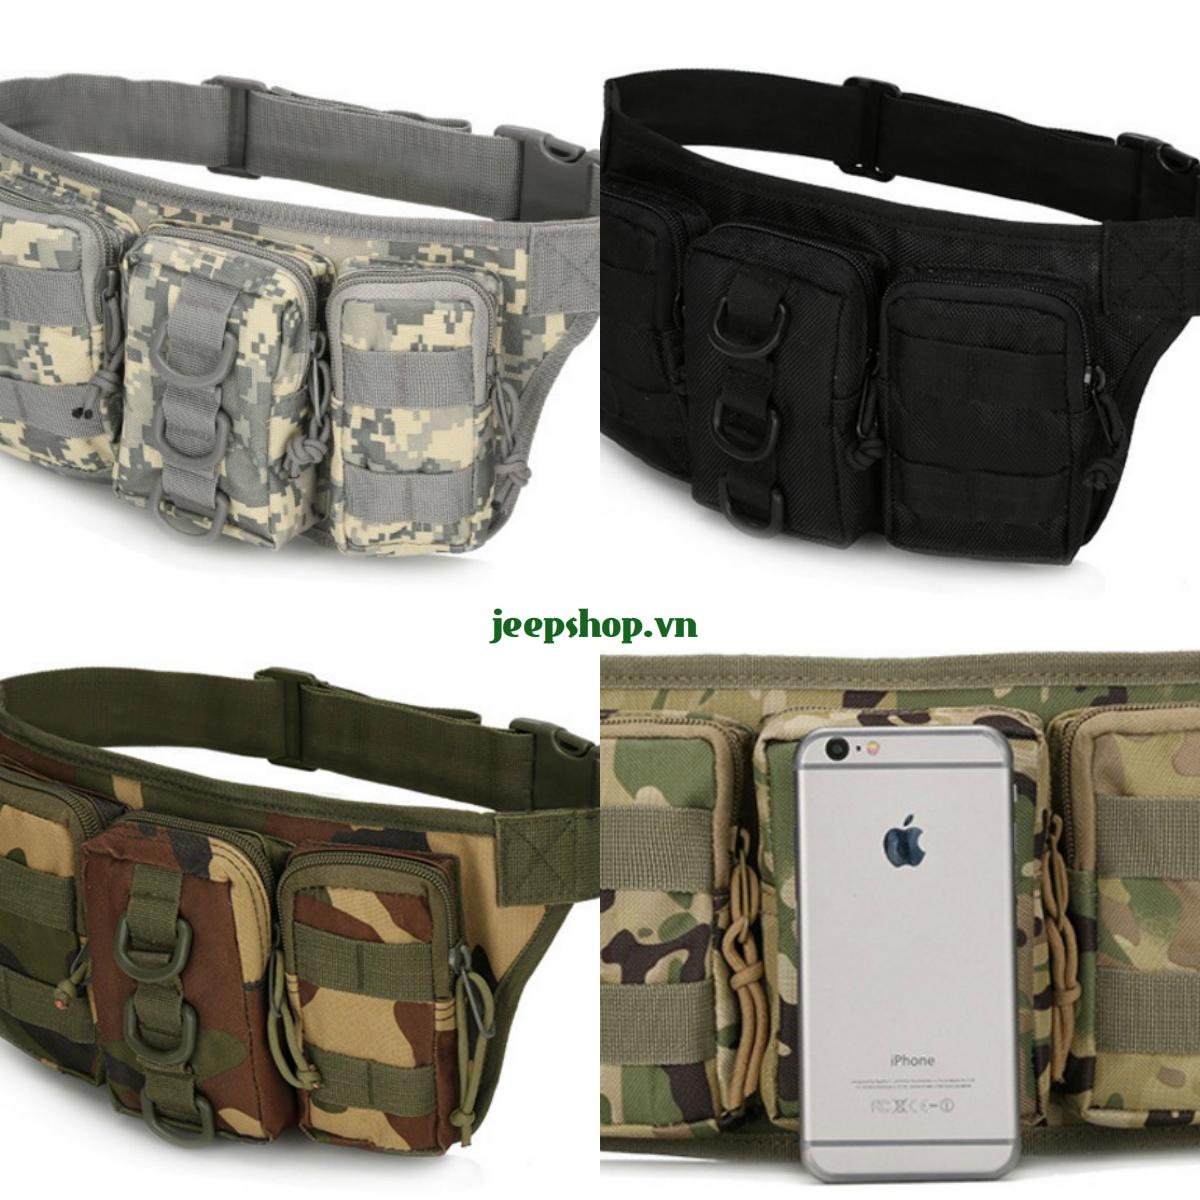 Chuyên cung cấp Ba lô , Túi đeo, Túi xách, Giày... phong cách lính - 1